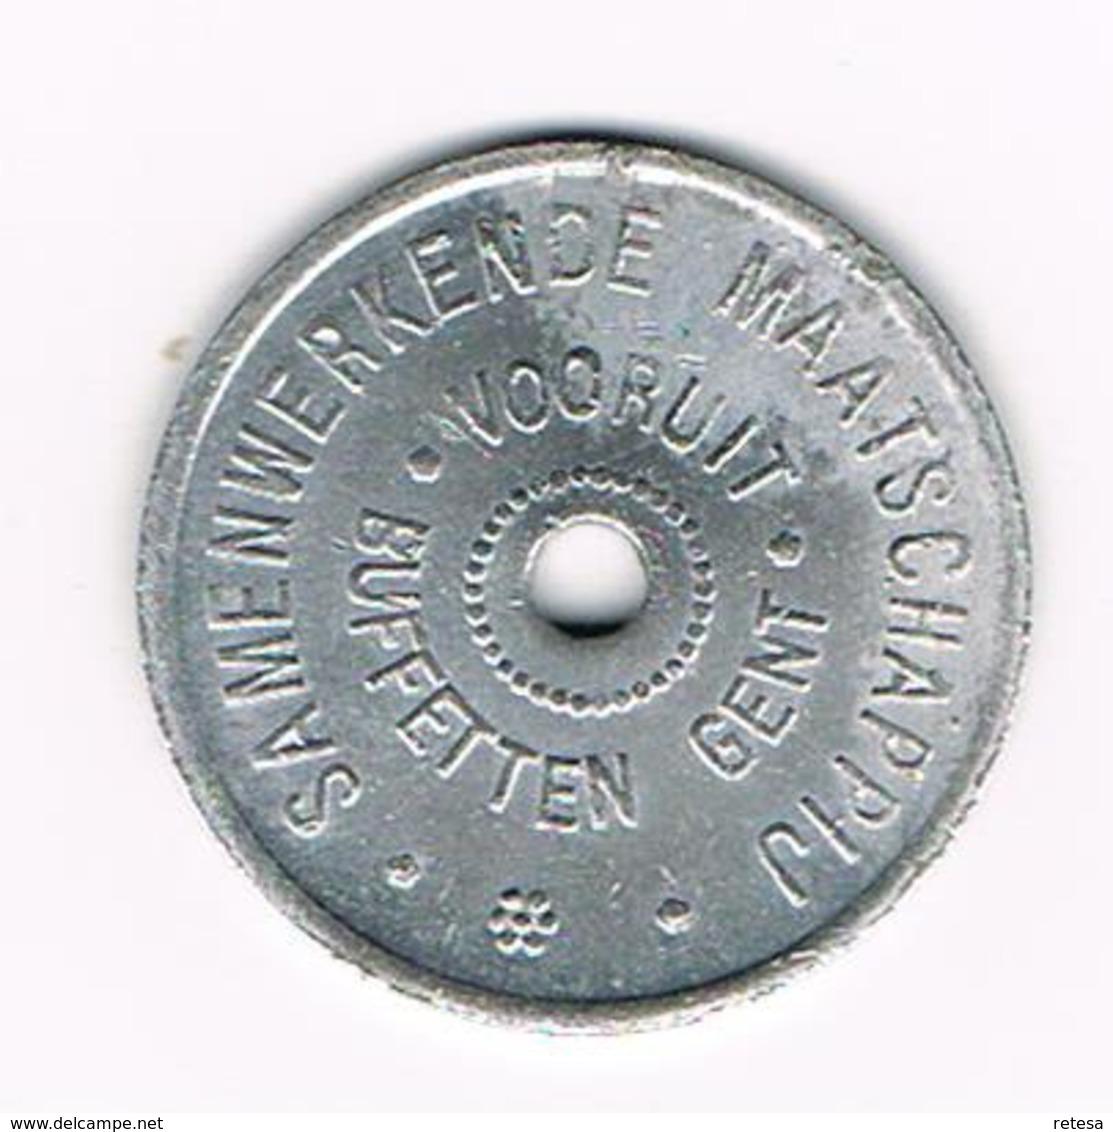 &   SAMENWERKENDE  MAATSCHIJ  VOORUIT BUFETTEN  GENT 12 -    1880 - Noodgeld